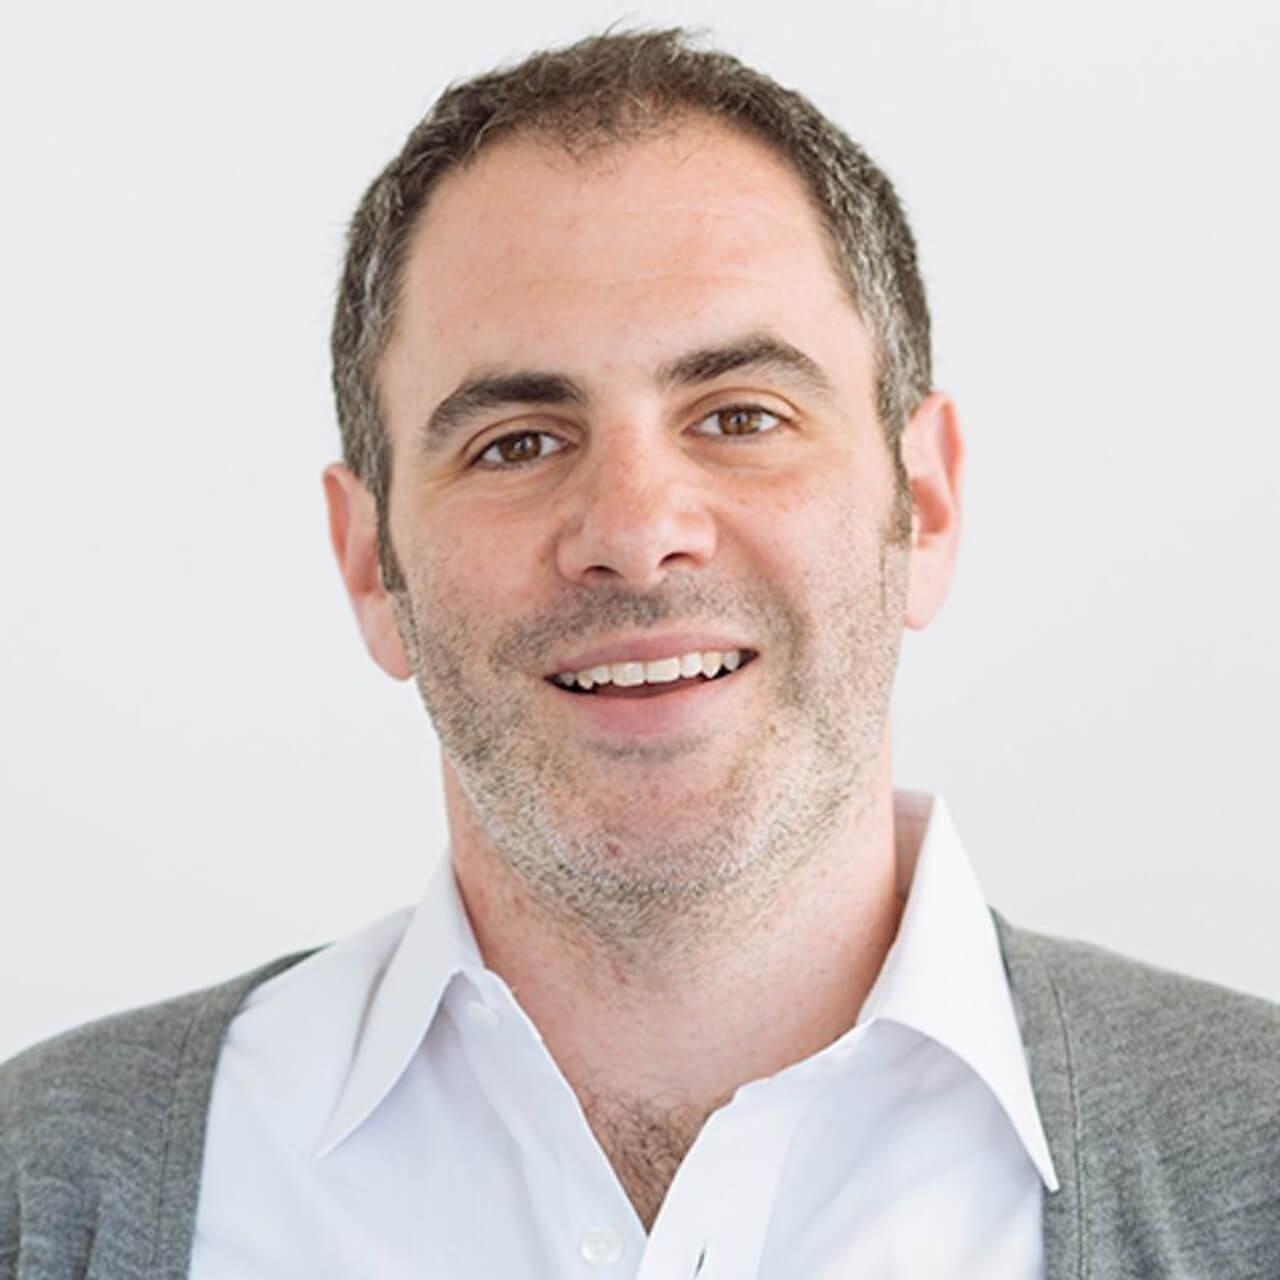 Content Management for Enterprise : A conversation with Percolate's Noah Brier